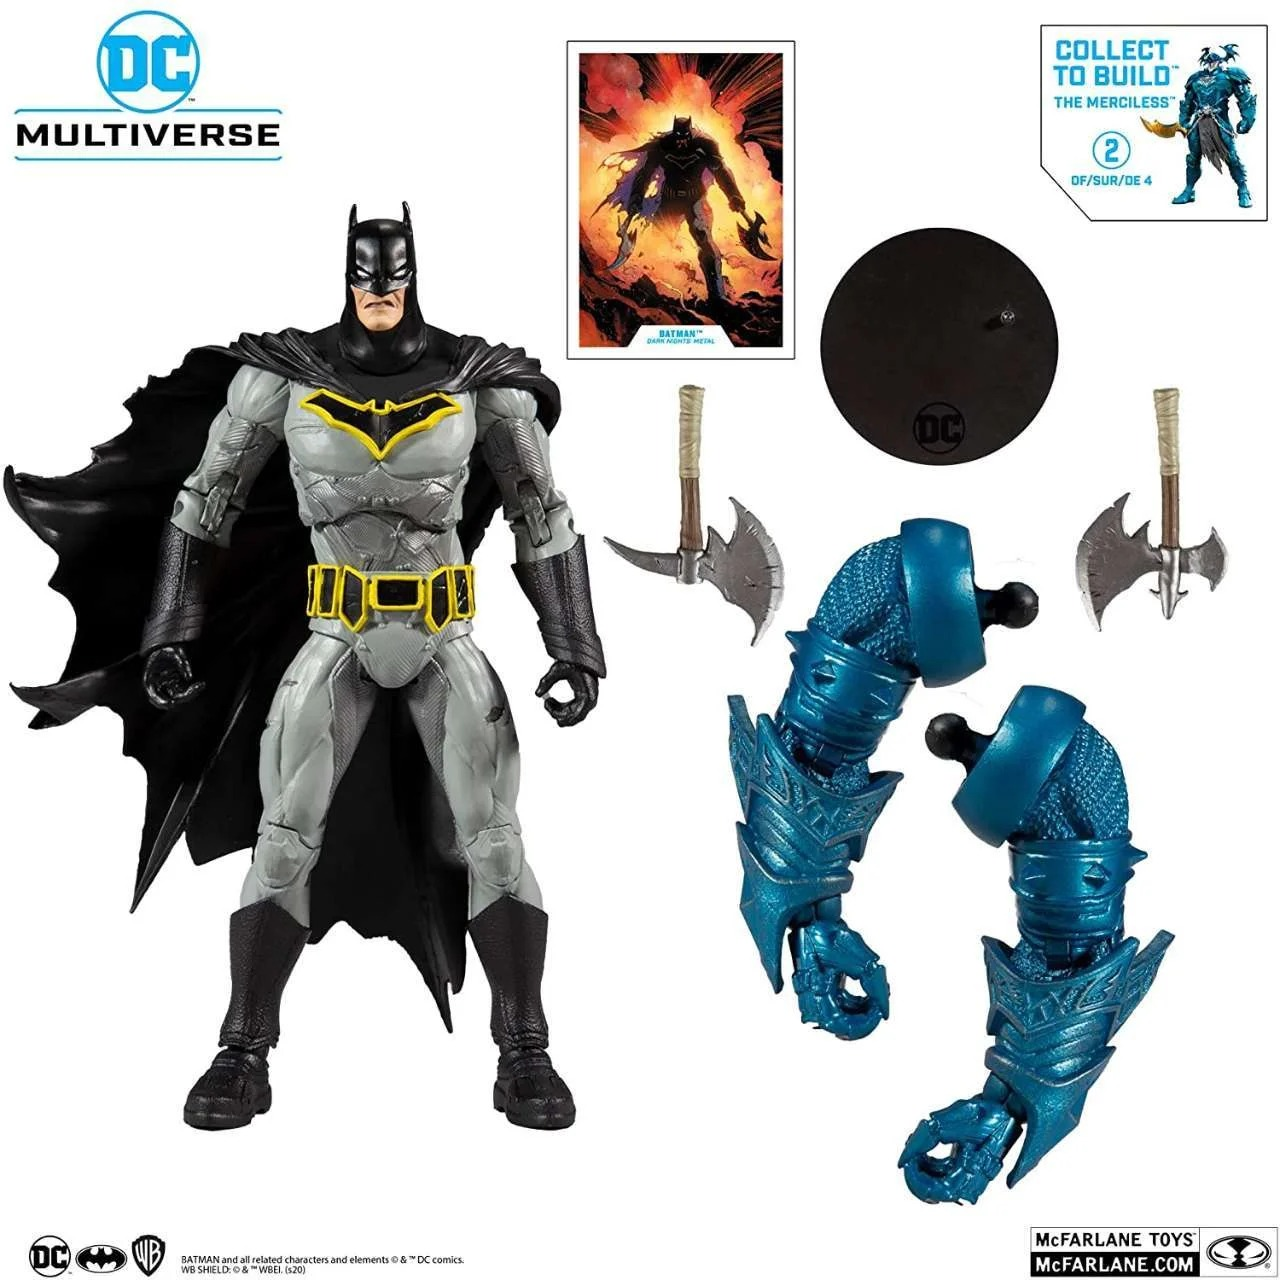 DCマルチバース バットマン ダークナイツ:メタル